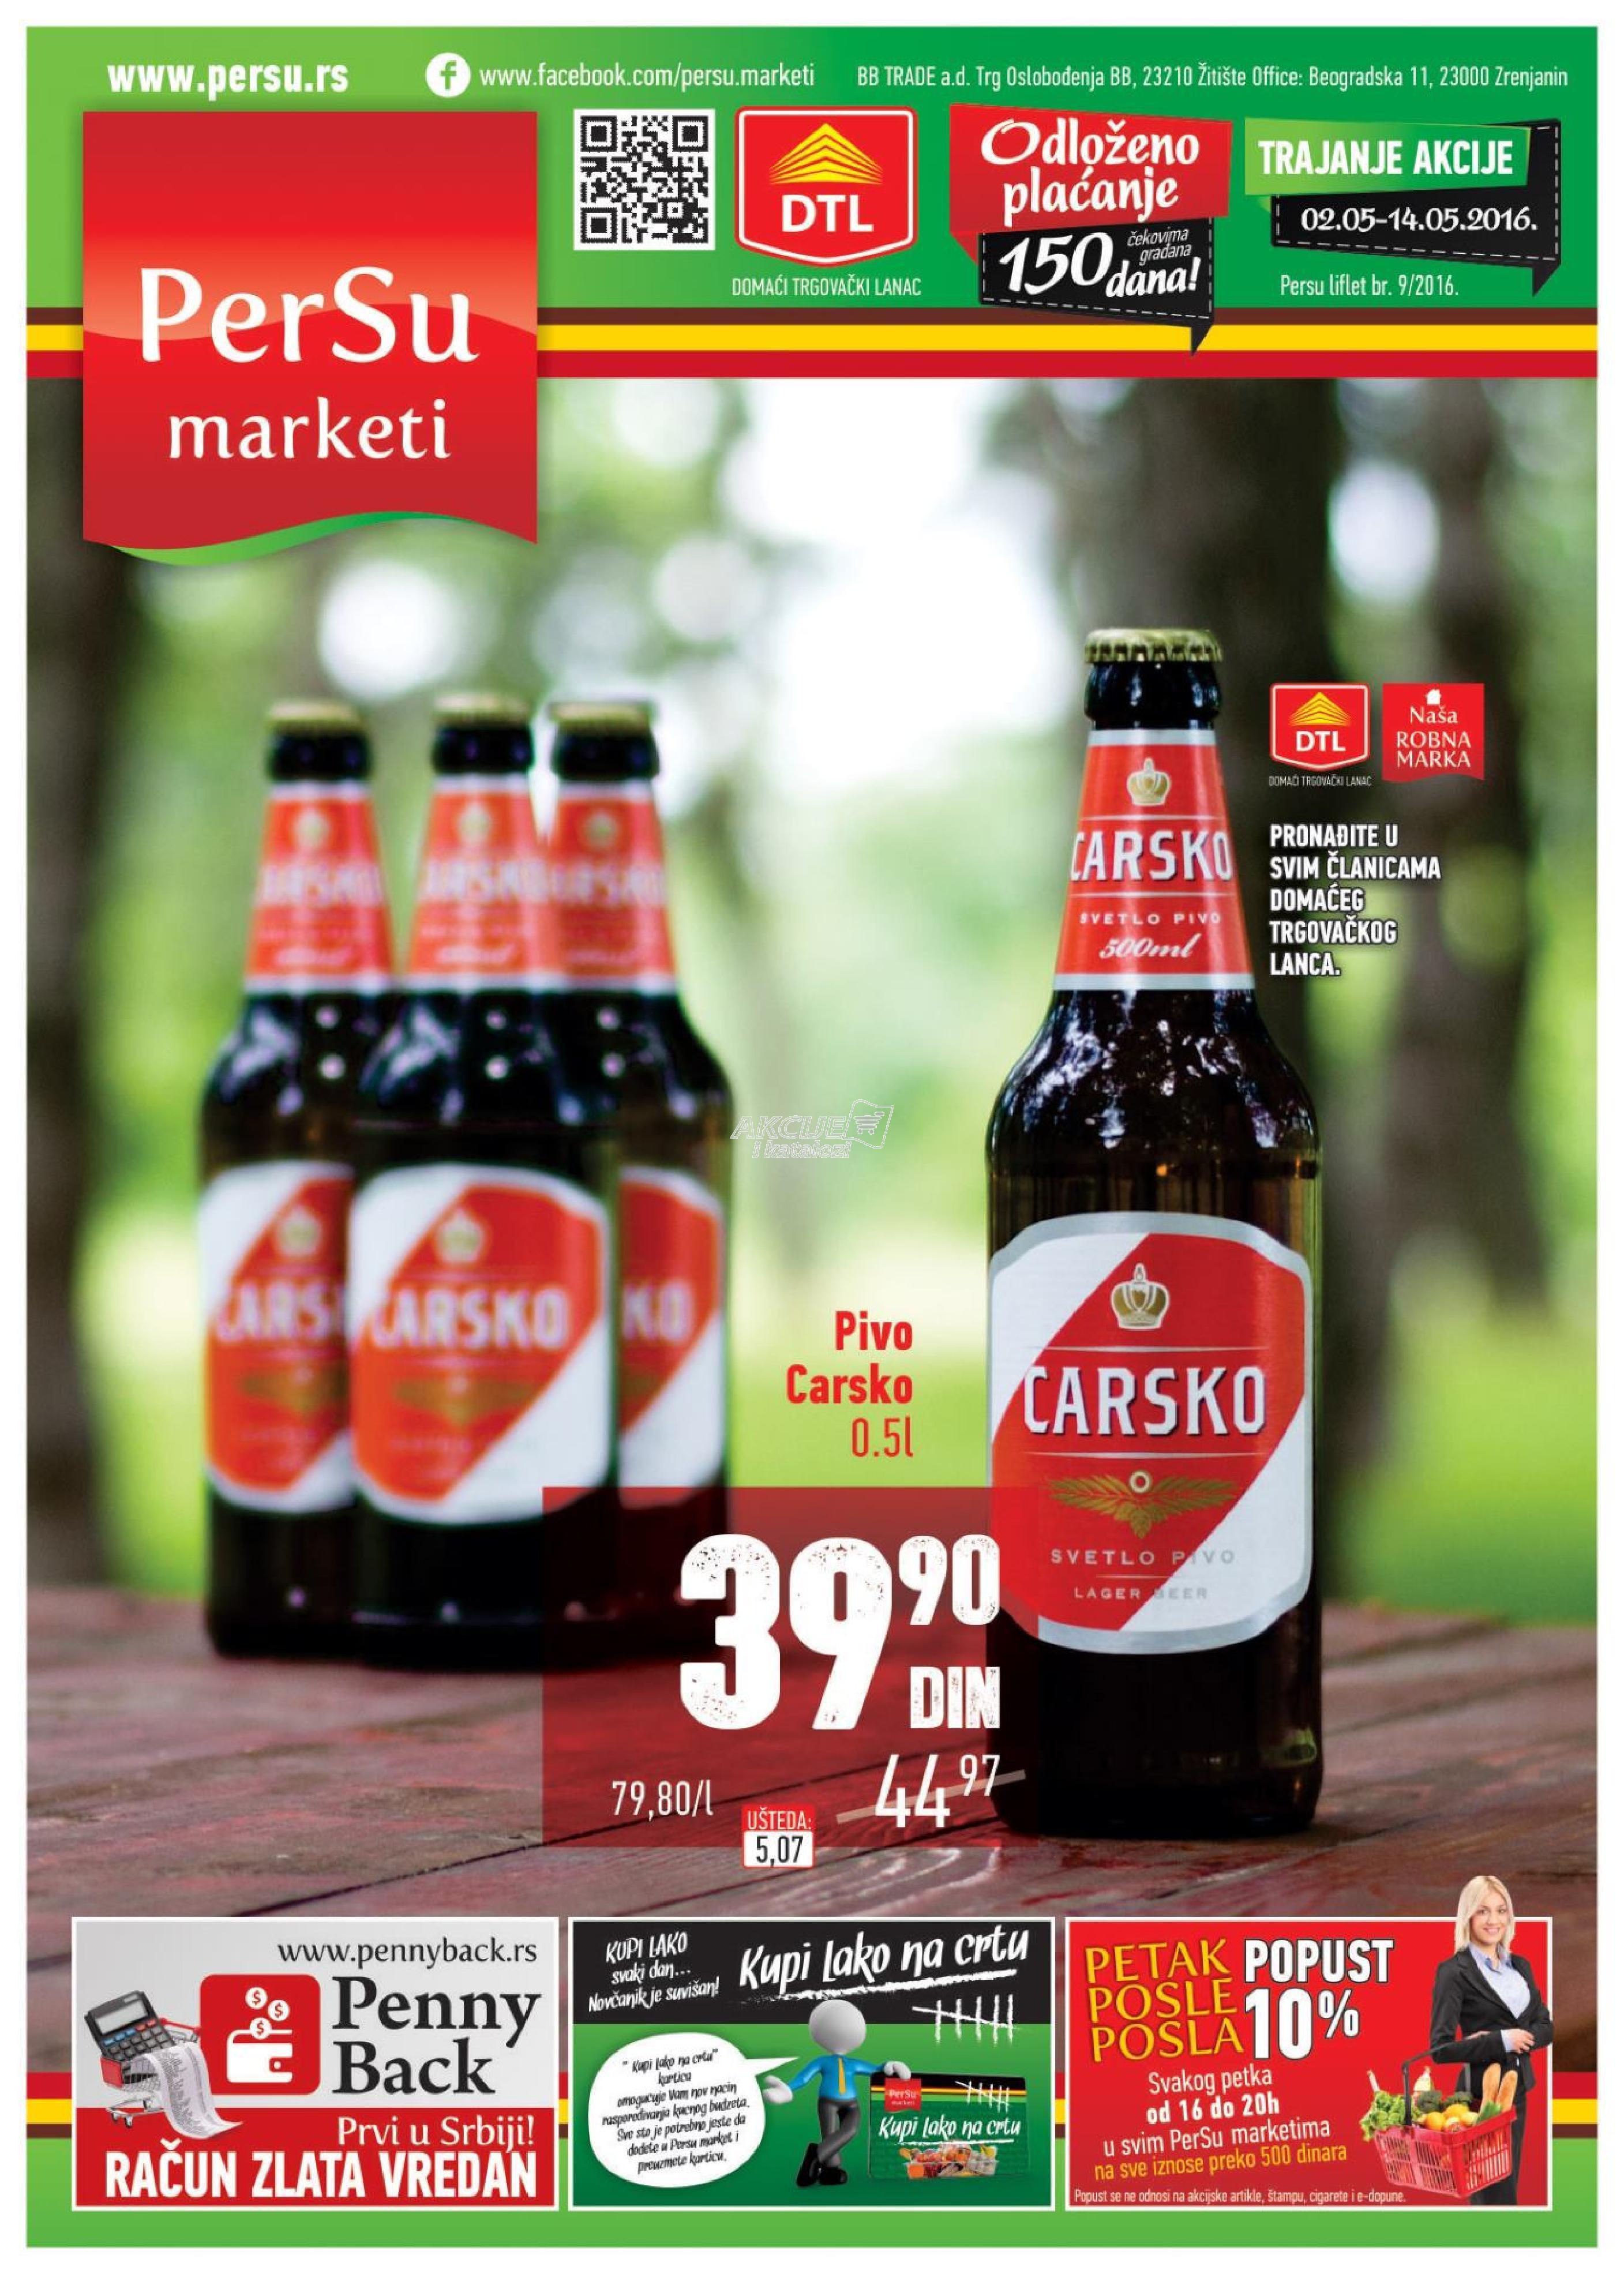 Persu - Redovna akcija super cena